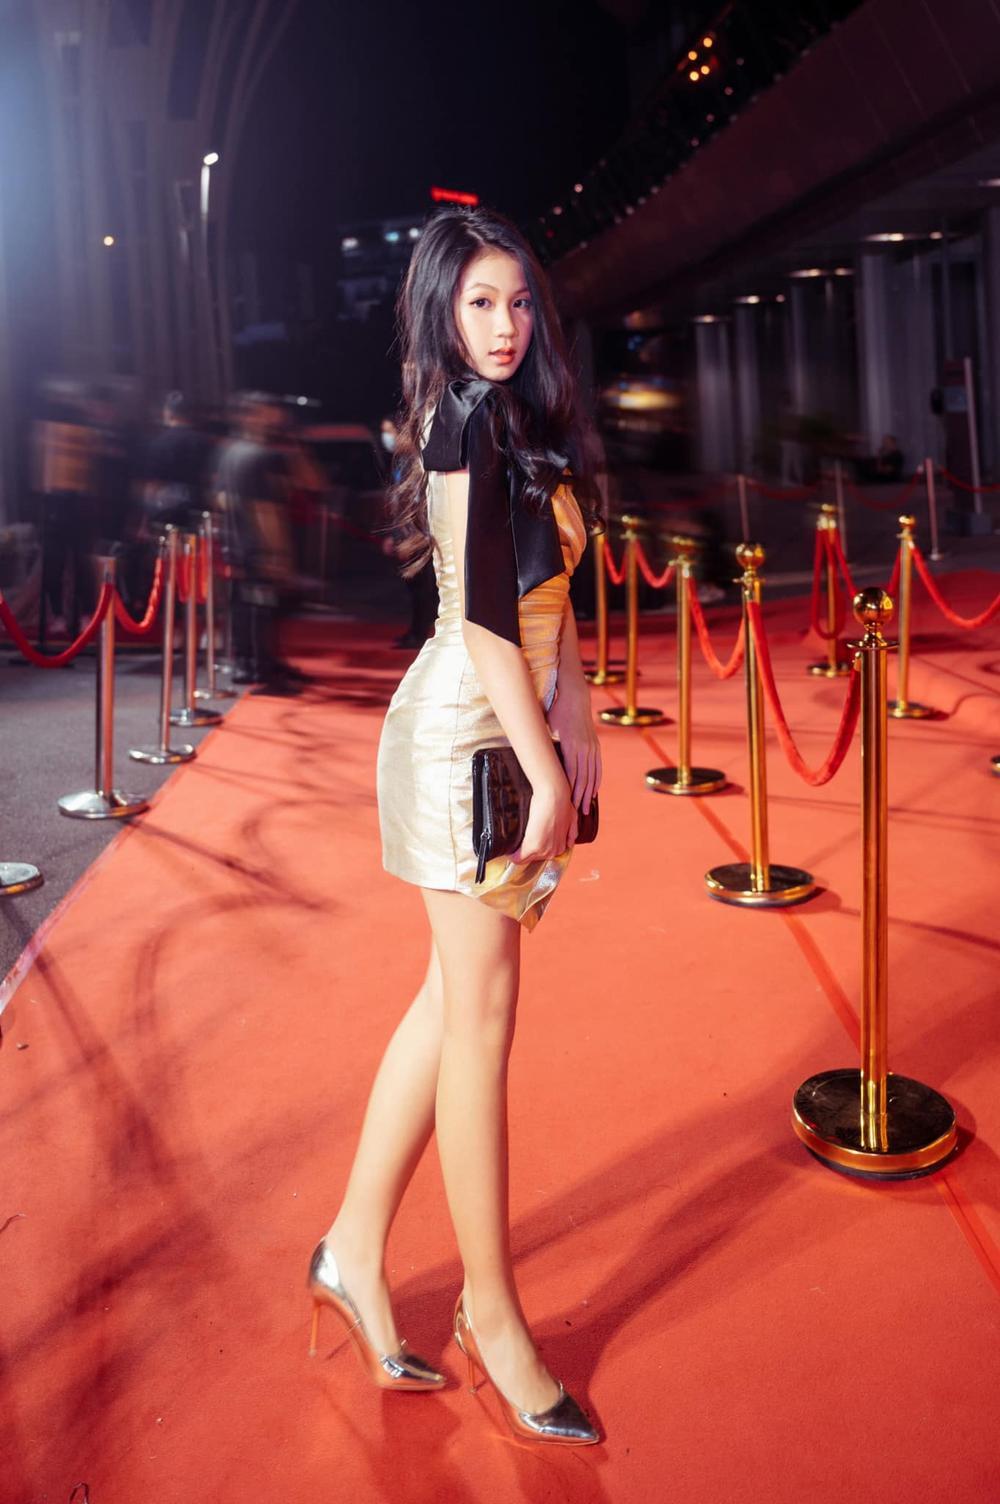 Con gái 16 tuổi của Lưu Thiên Hương khoe nhan sắc xinh như Hoa hậu khiến ai cũng say đắm Ảnh 3